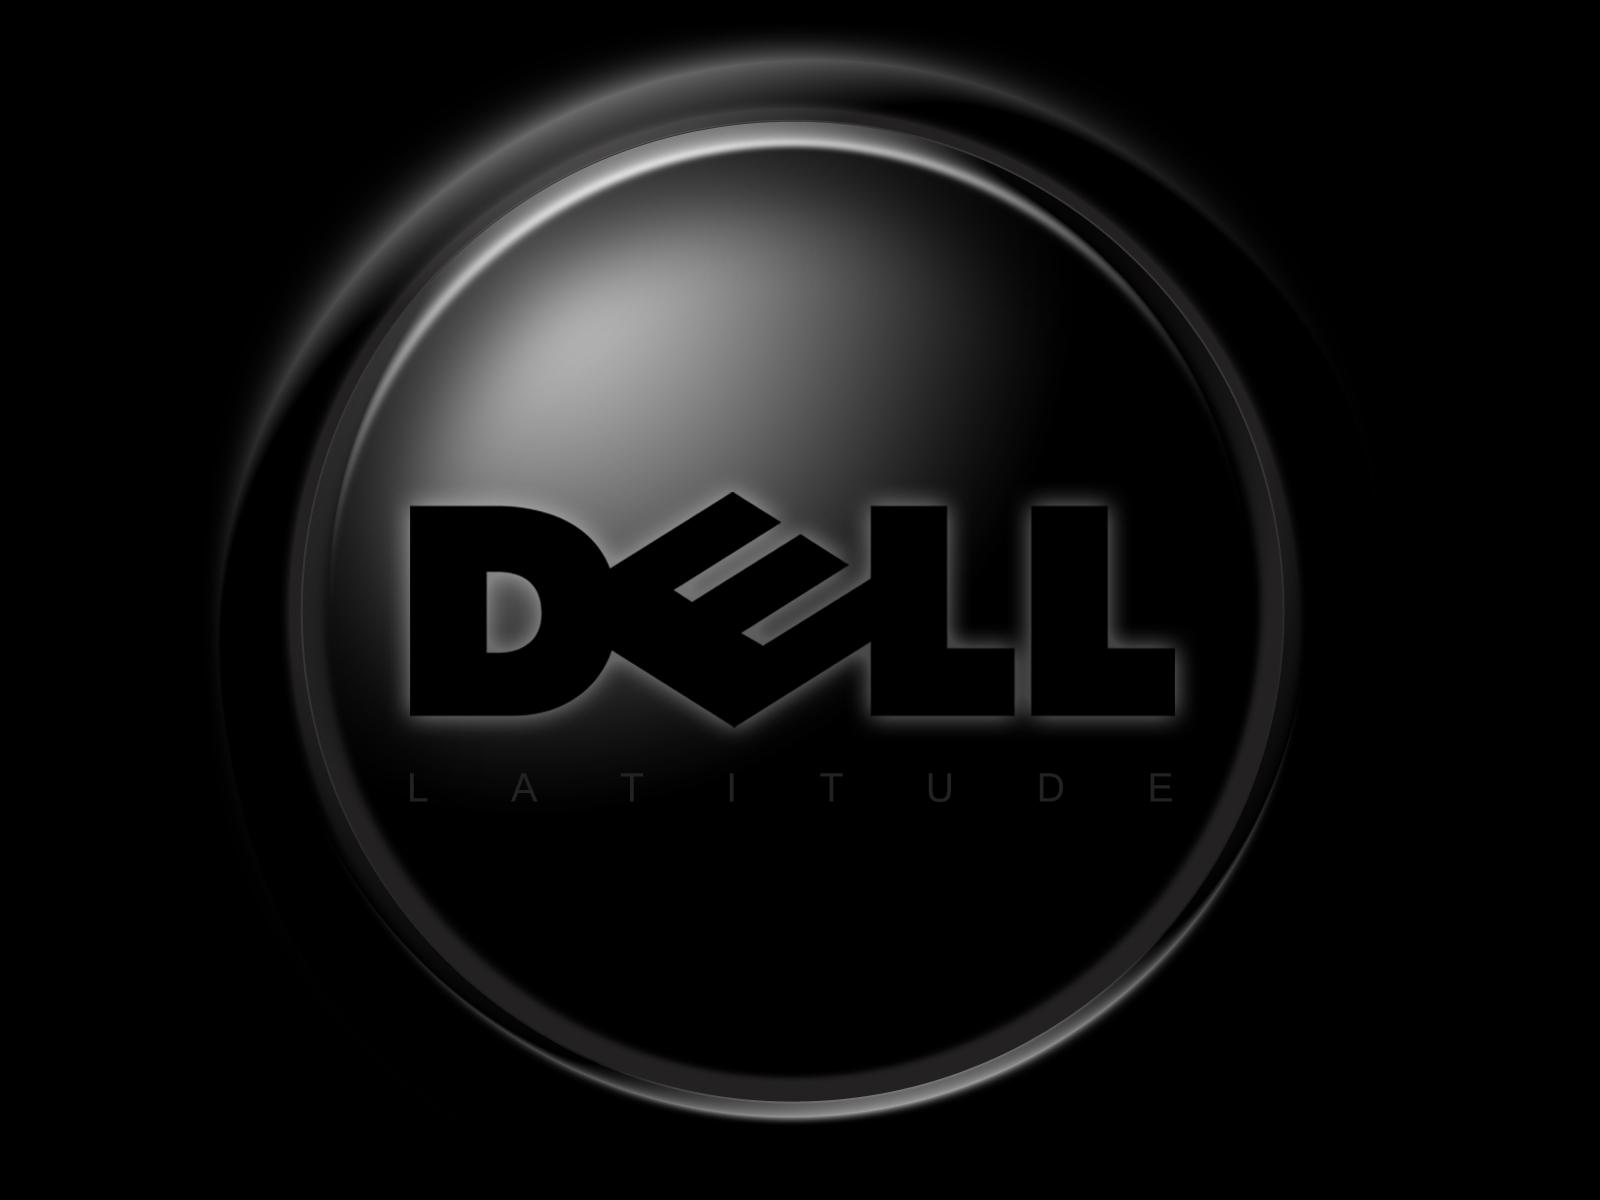 Dell HD Wallpaper 1920x1080 - WallpaperSafari